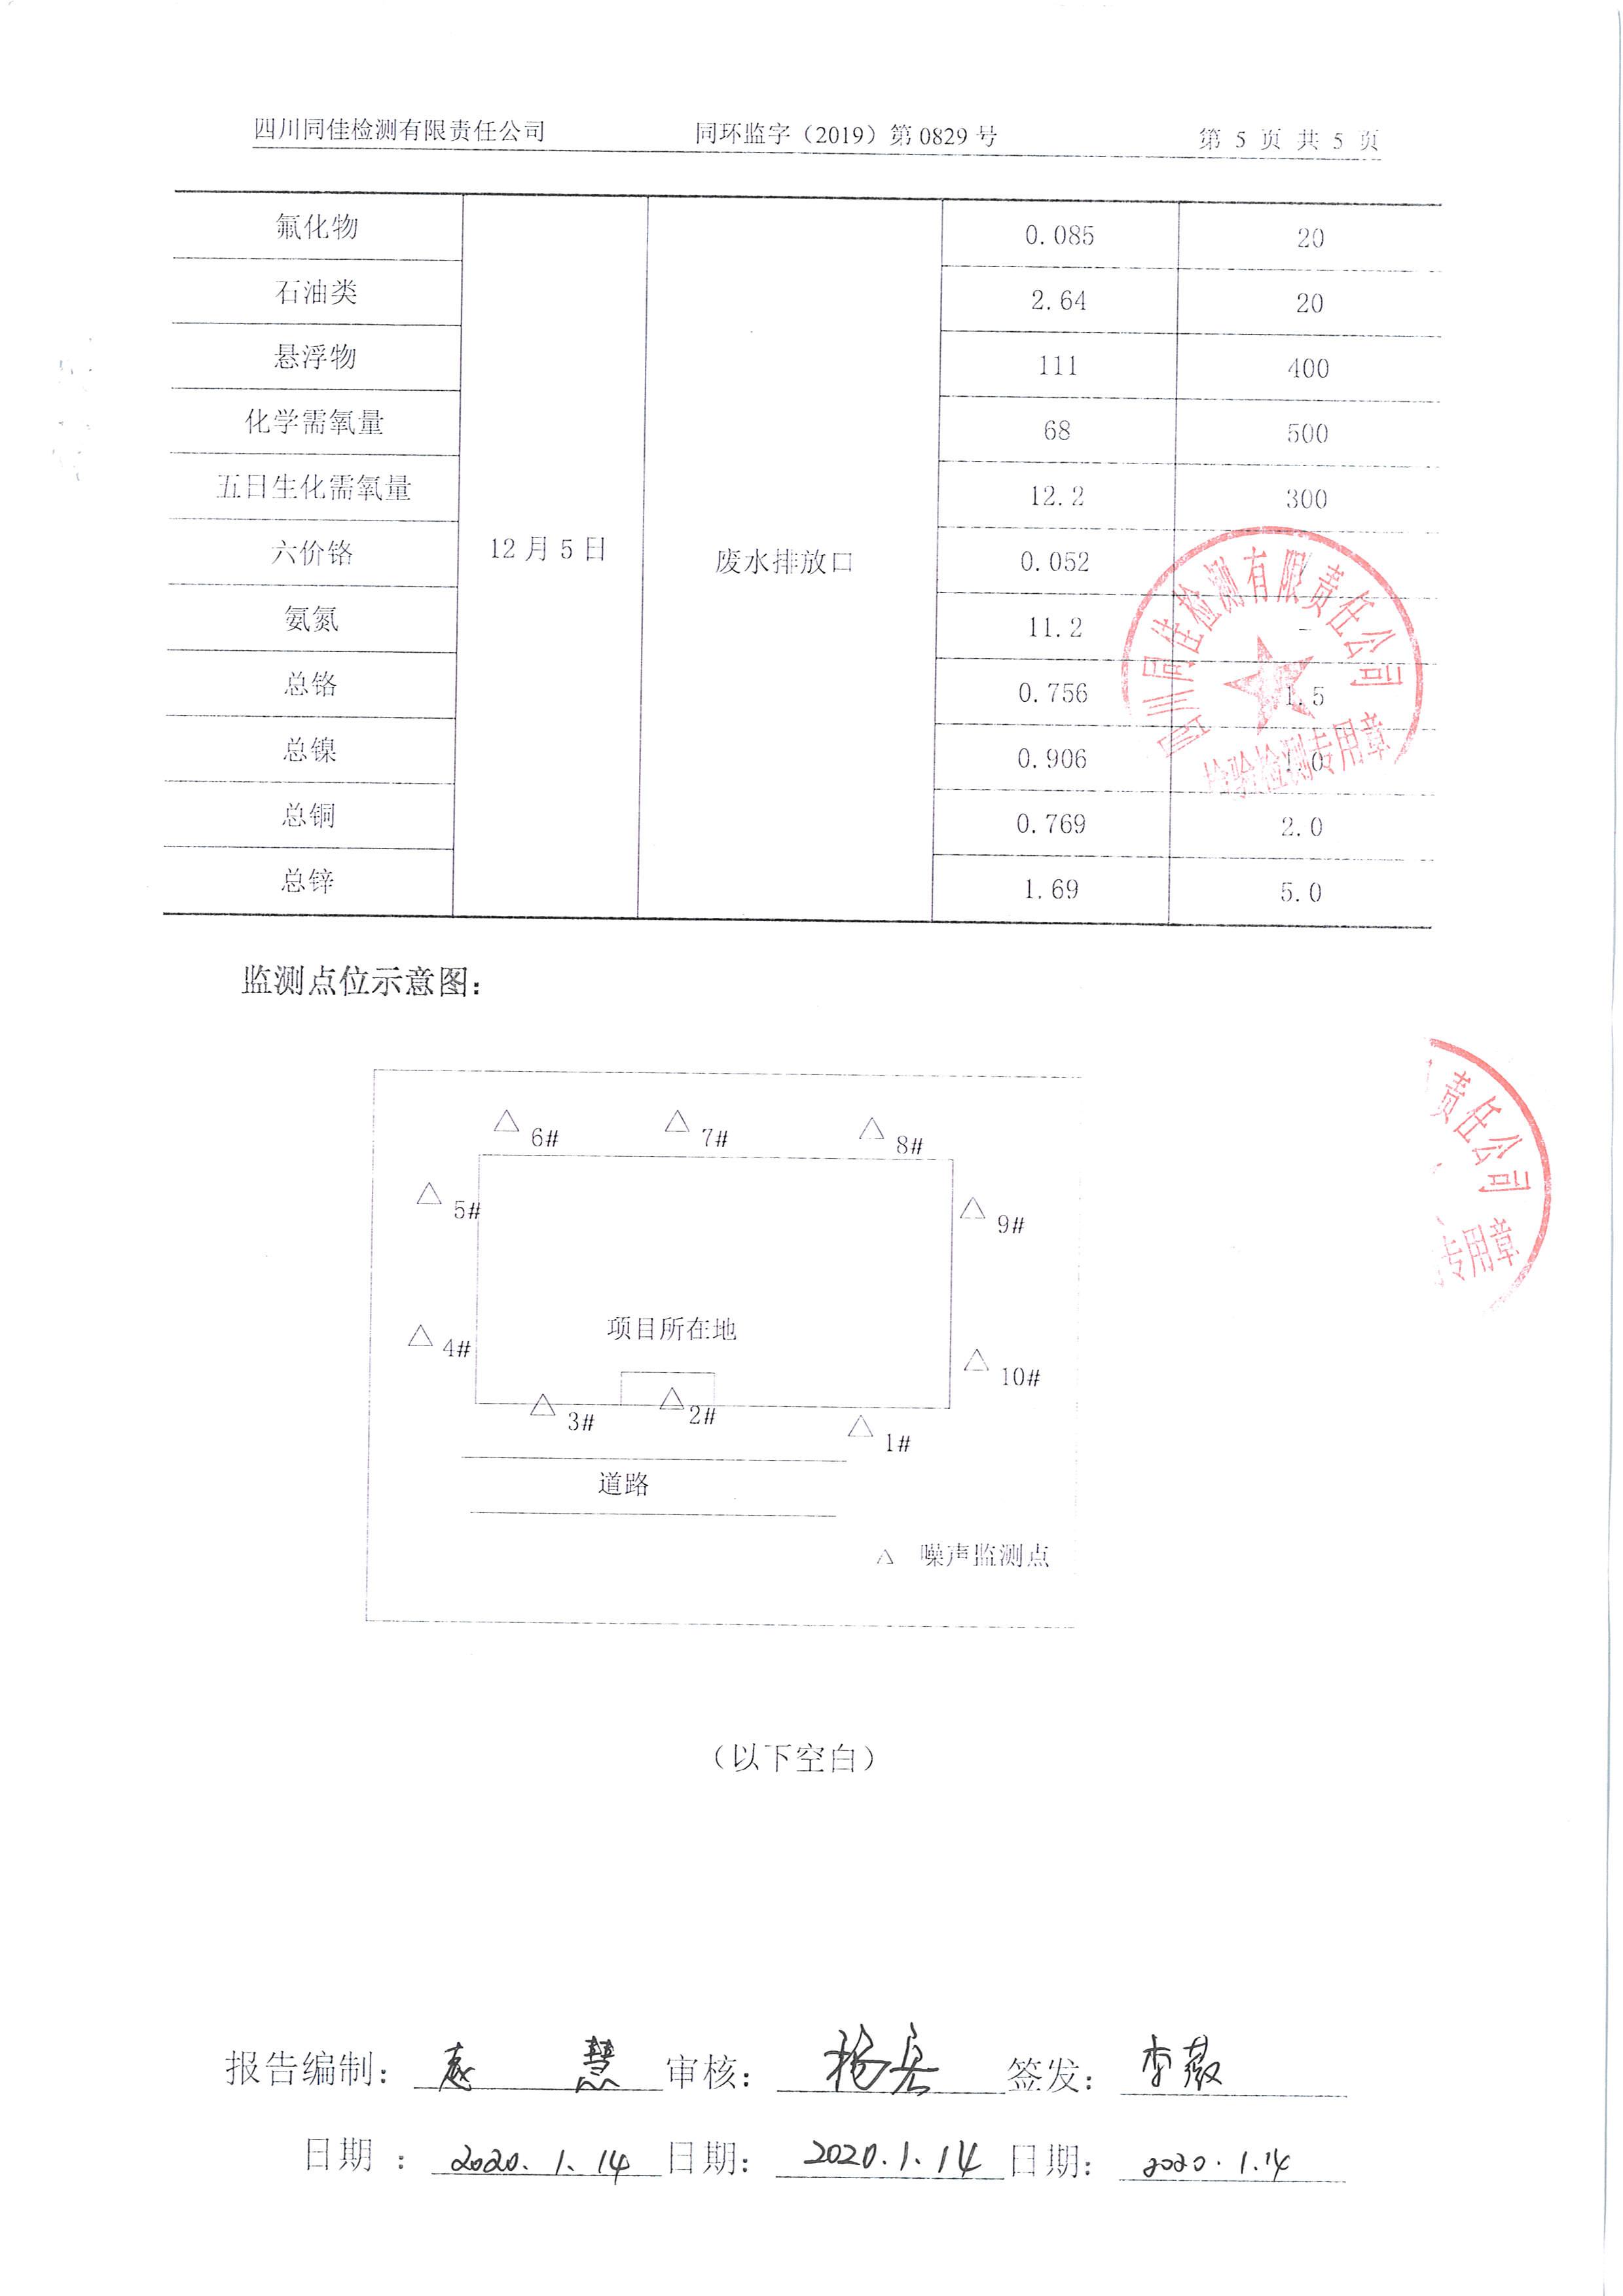 http://qiniu.cloudhong.com/image_2020-07-02_5efd84842abd3.jpg